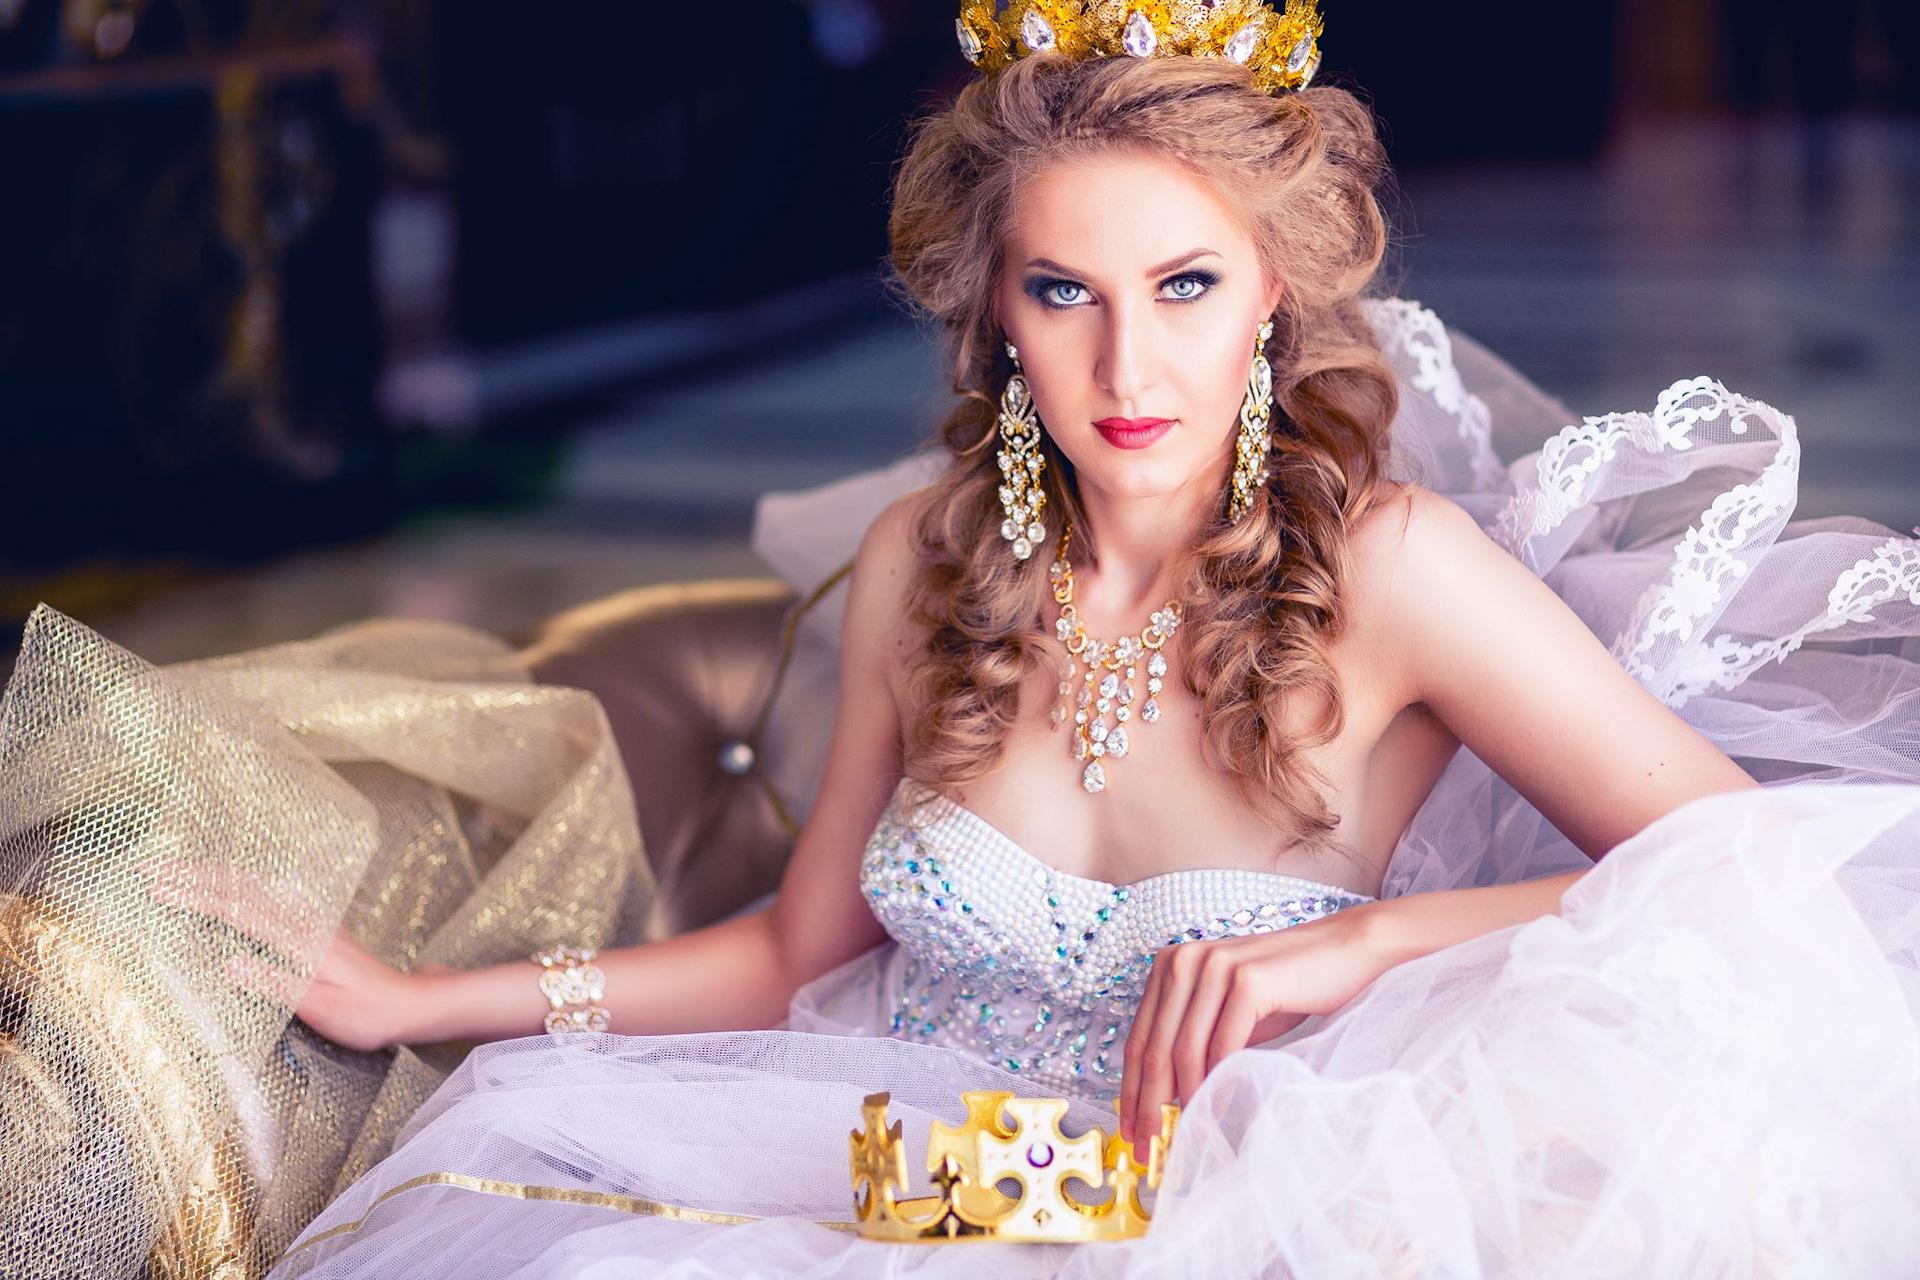 Михаил Литвак: Когда женщина — королева, ей нужен мужчина-король